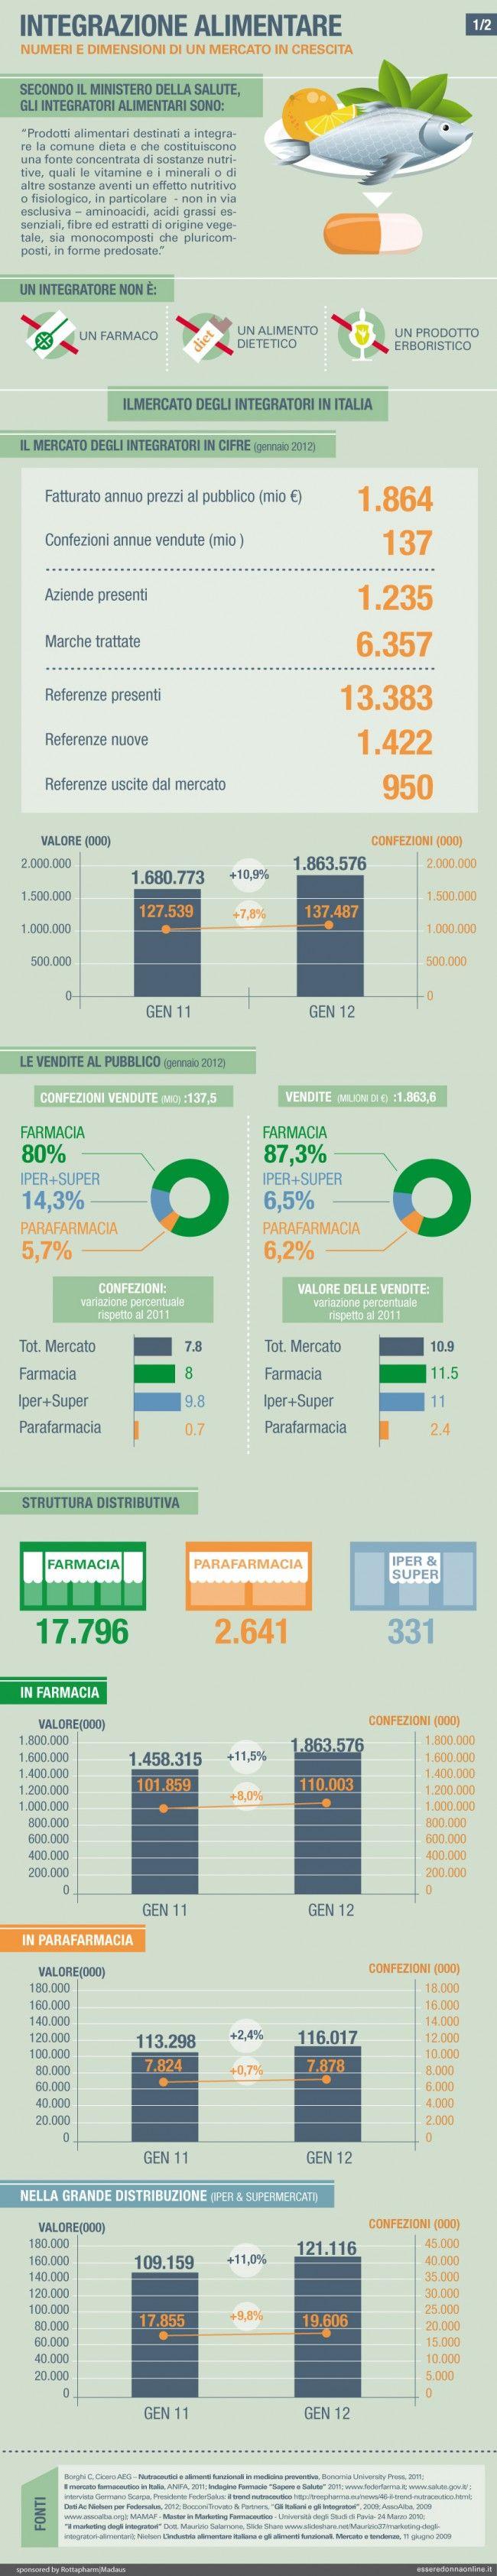 L'integrazione alimentare: numeri e dimensioni di un mercato in crescita - Esseredonnaonline